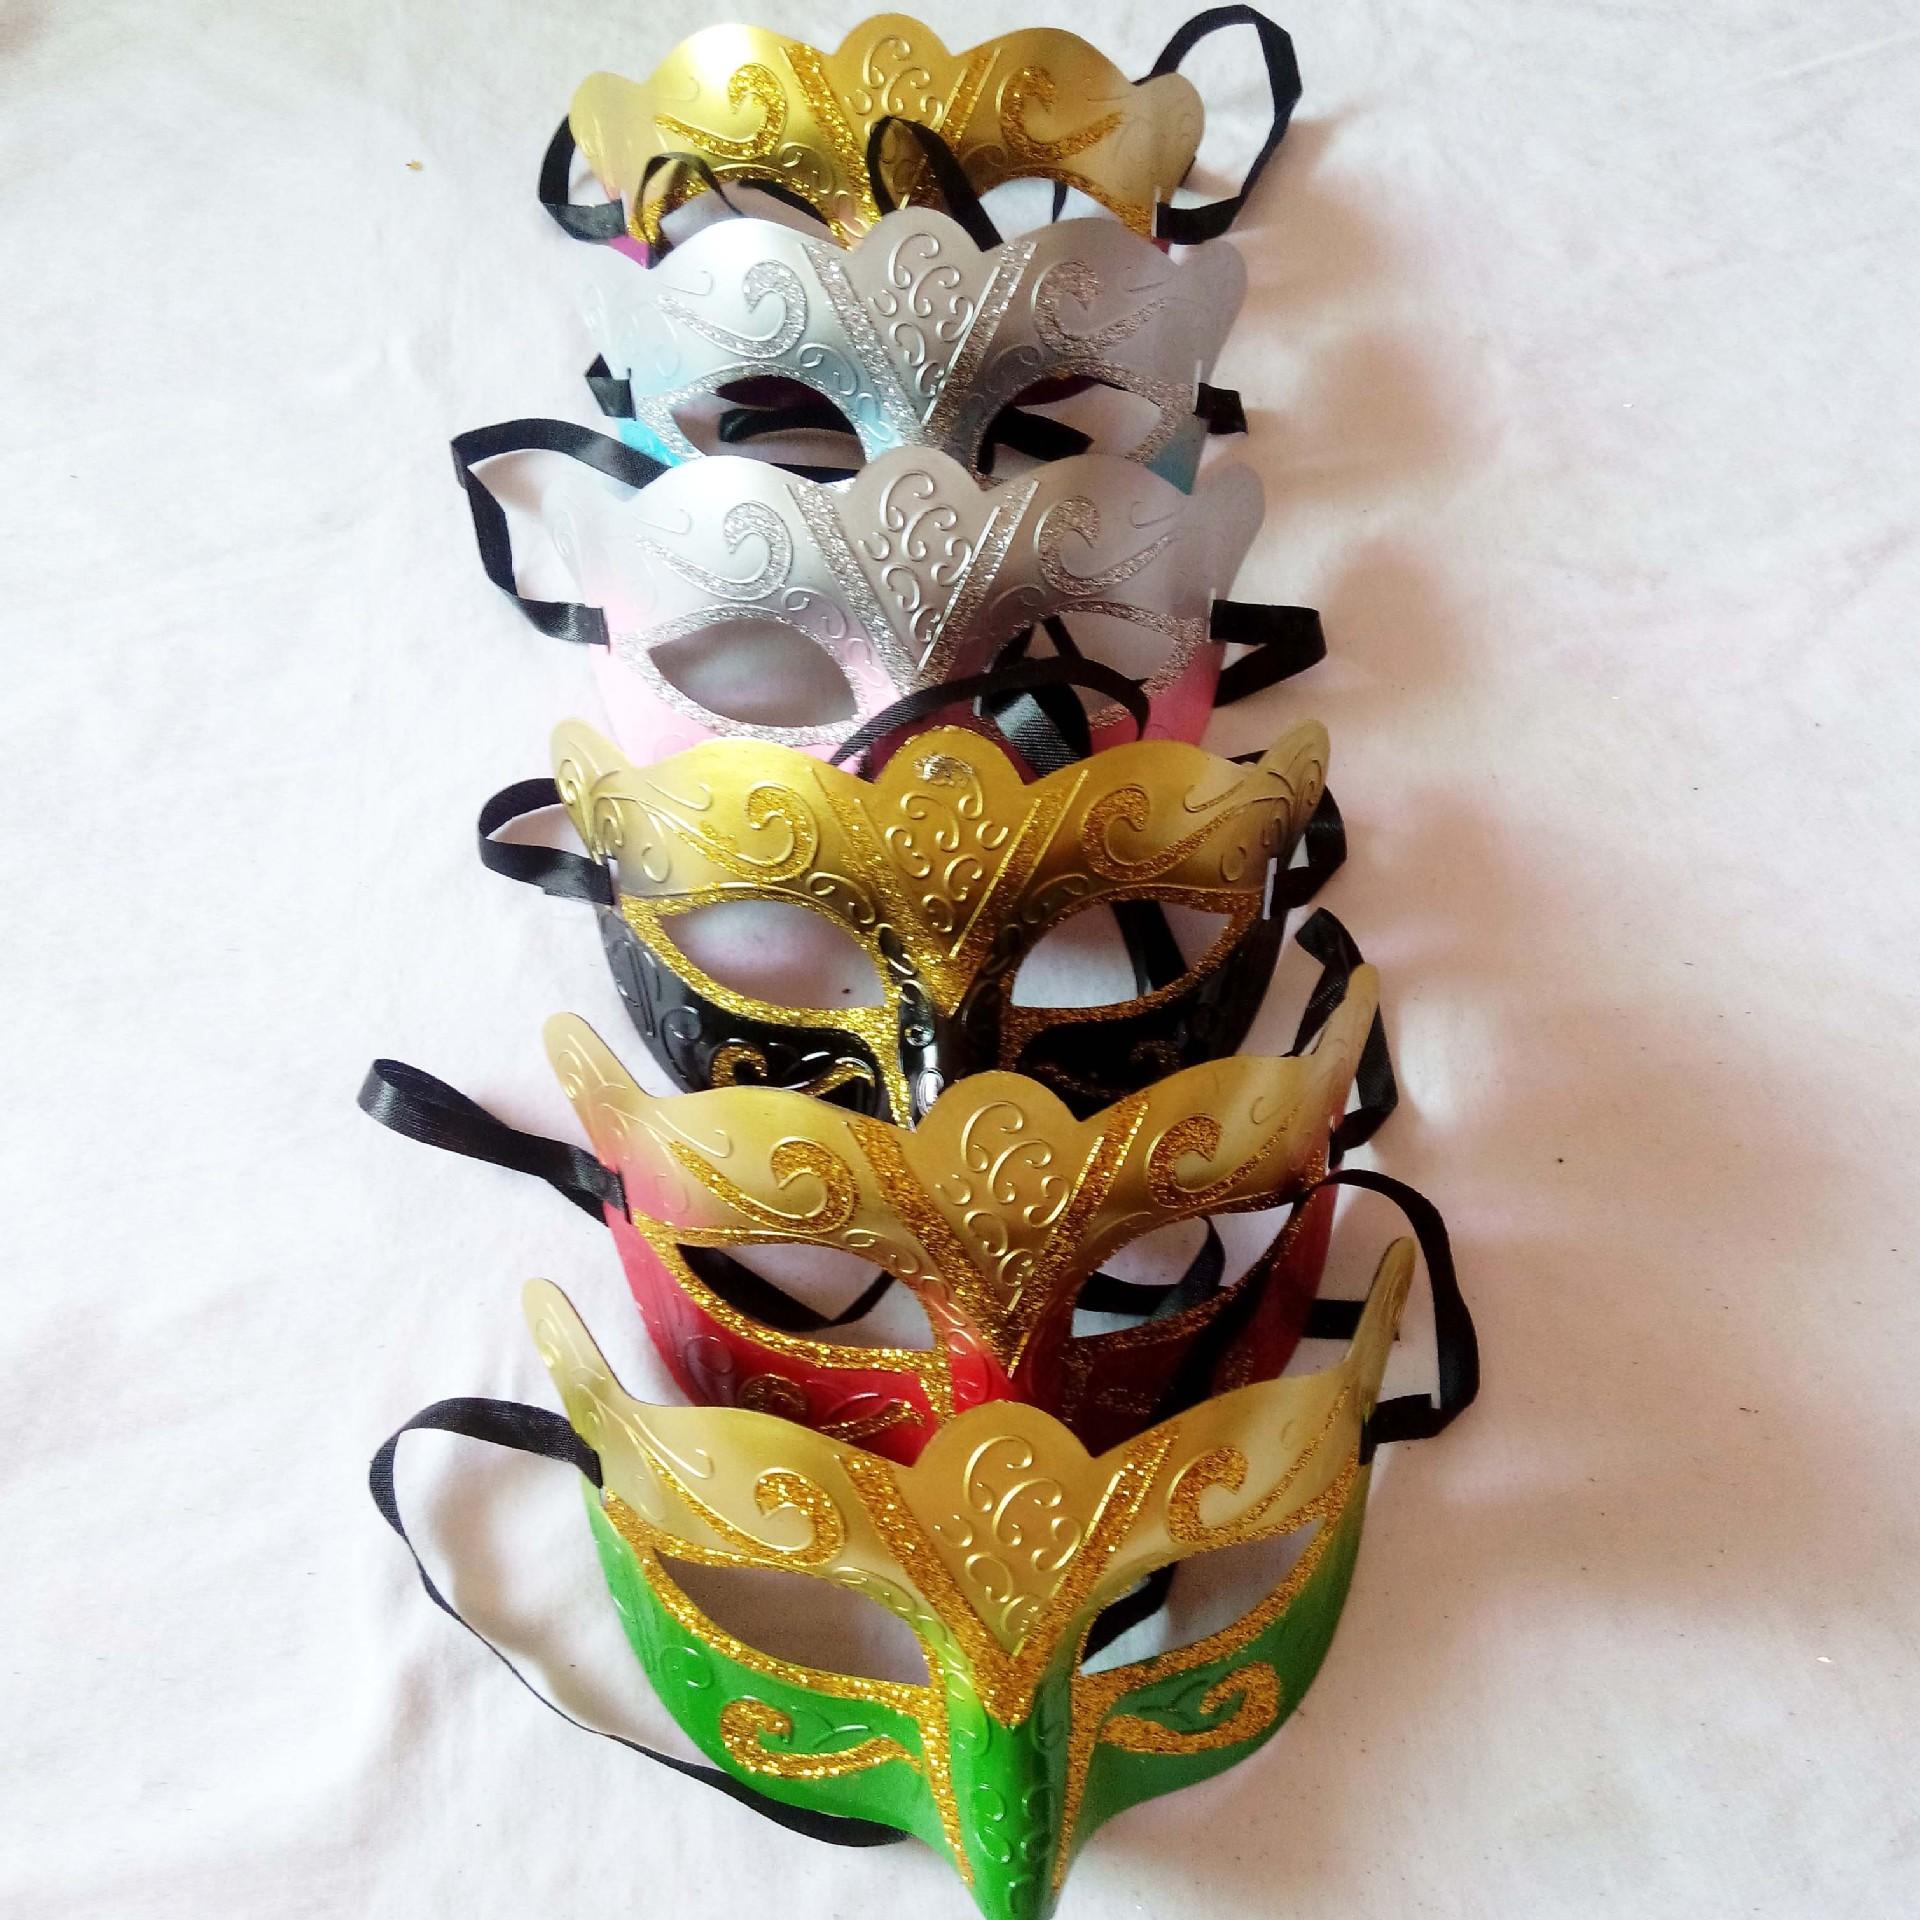 彩绘面具 喷漆面具 蝶舞喷漆彩绘面具 阿里巴巴